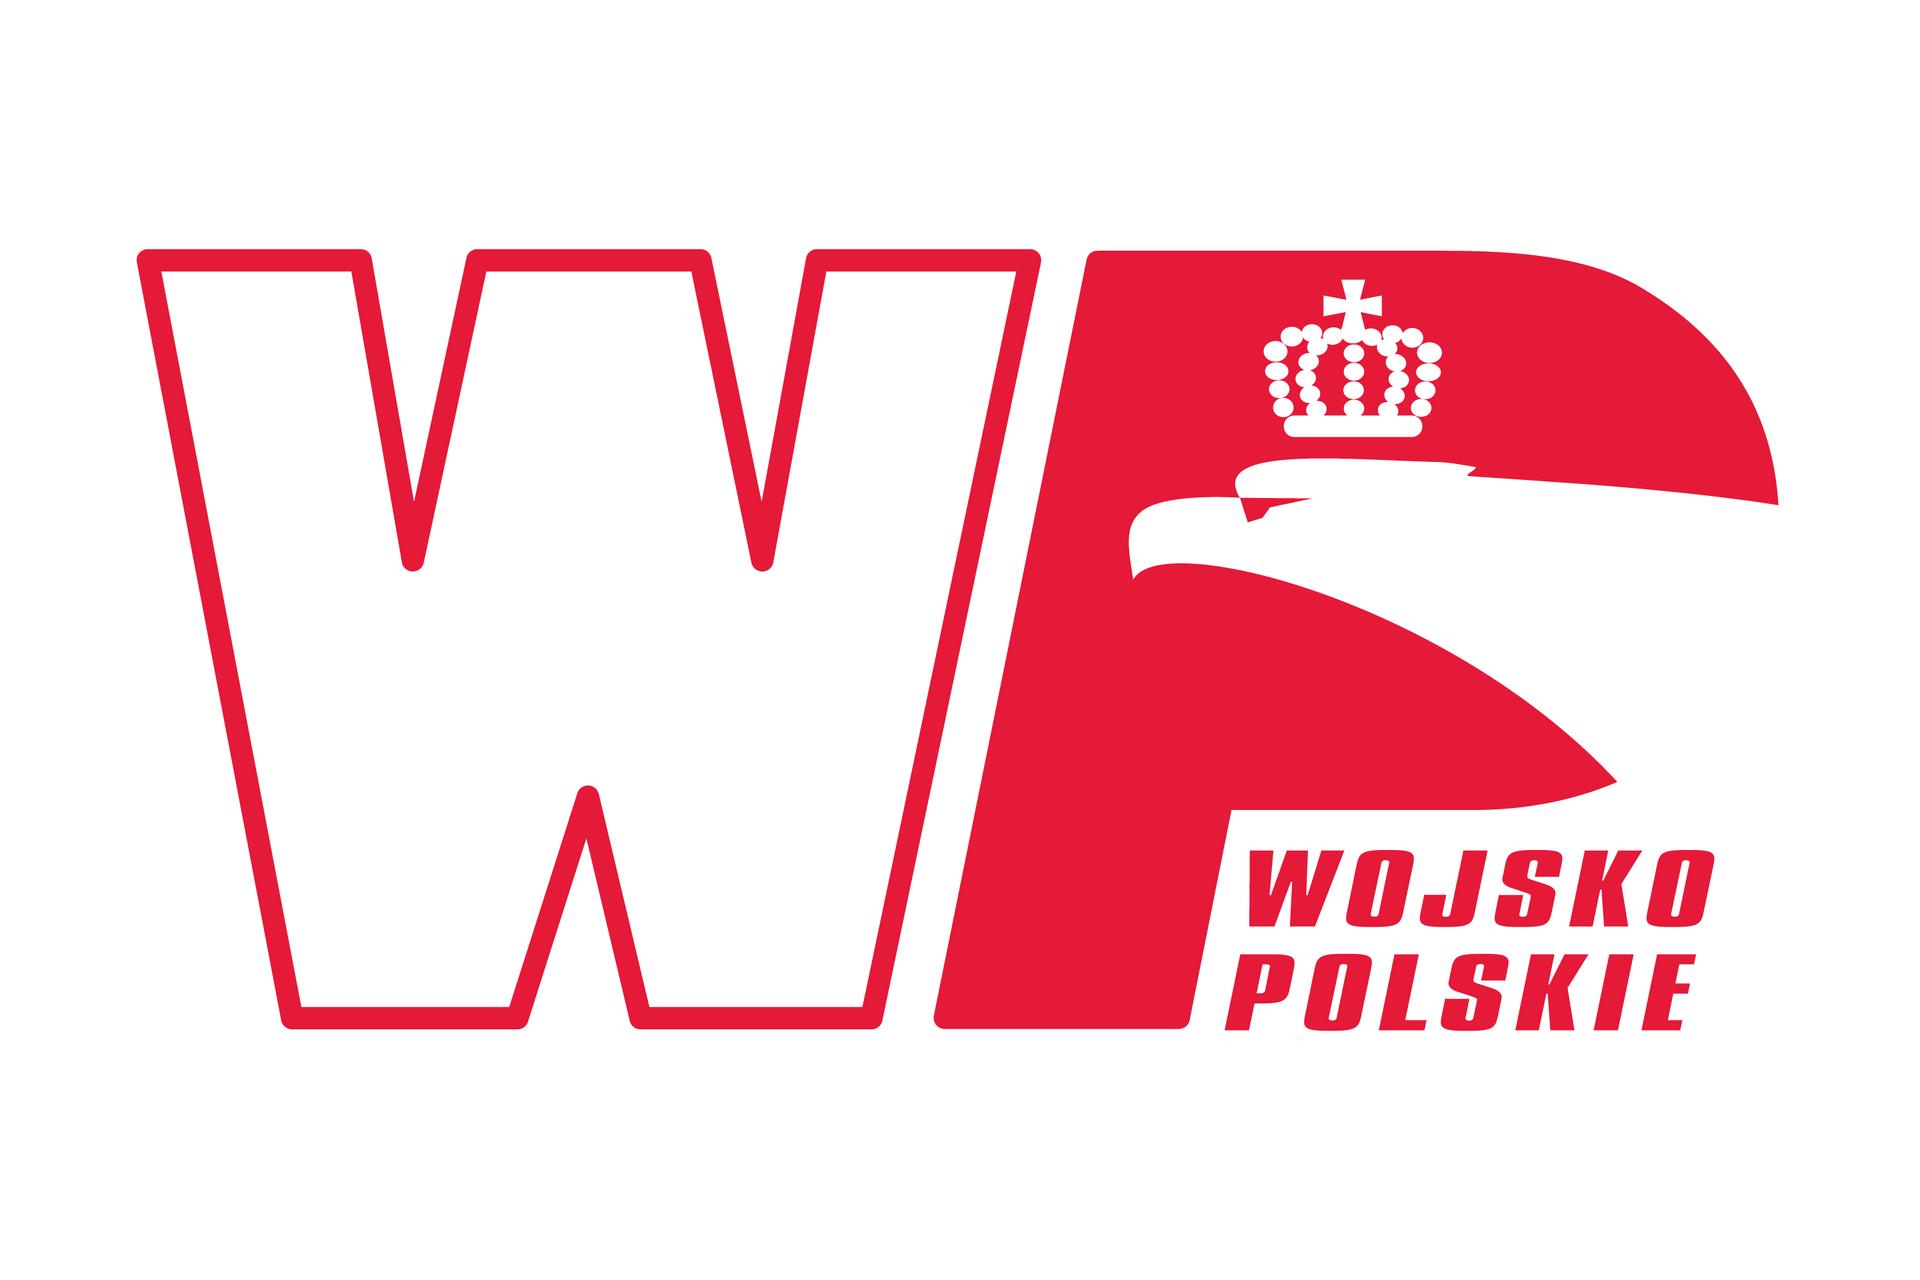 Ilustracja przedstawia biało-czerwone logo Wojska Polskiego. Logo to dwie litery. Po lewej litera W, po prawej litera P. Litera po lewej to biała litera zczerwoną obwódką. Litera Pwkolorze czerwonym. Wczęści zaokrąglonej litery Pszyja igłowa orła białego. Na głowie orła korona. Orzeł zwrócony wlewo. Poniżej czerwony napis Wojsko Polskie. Wyraz wojsko nad wyrazem polskie.